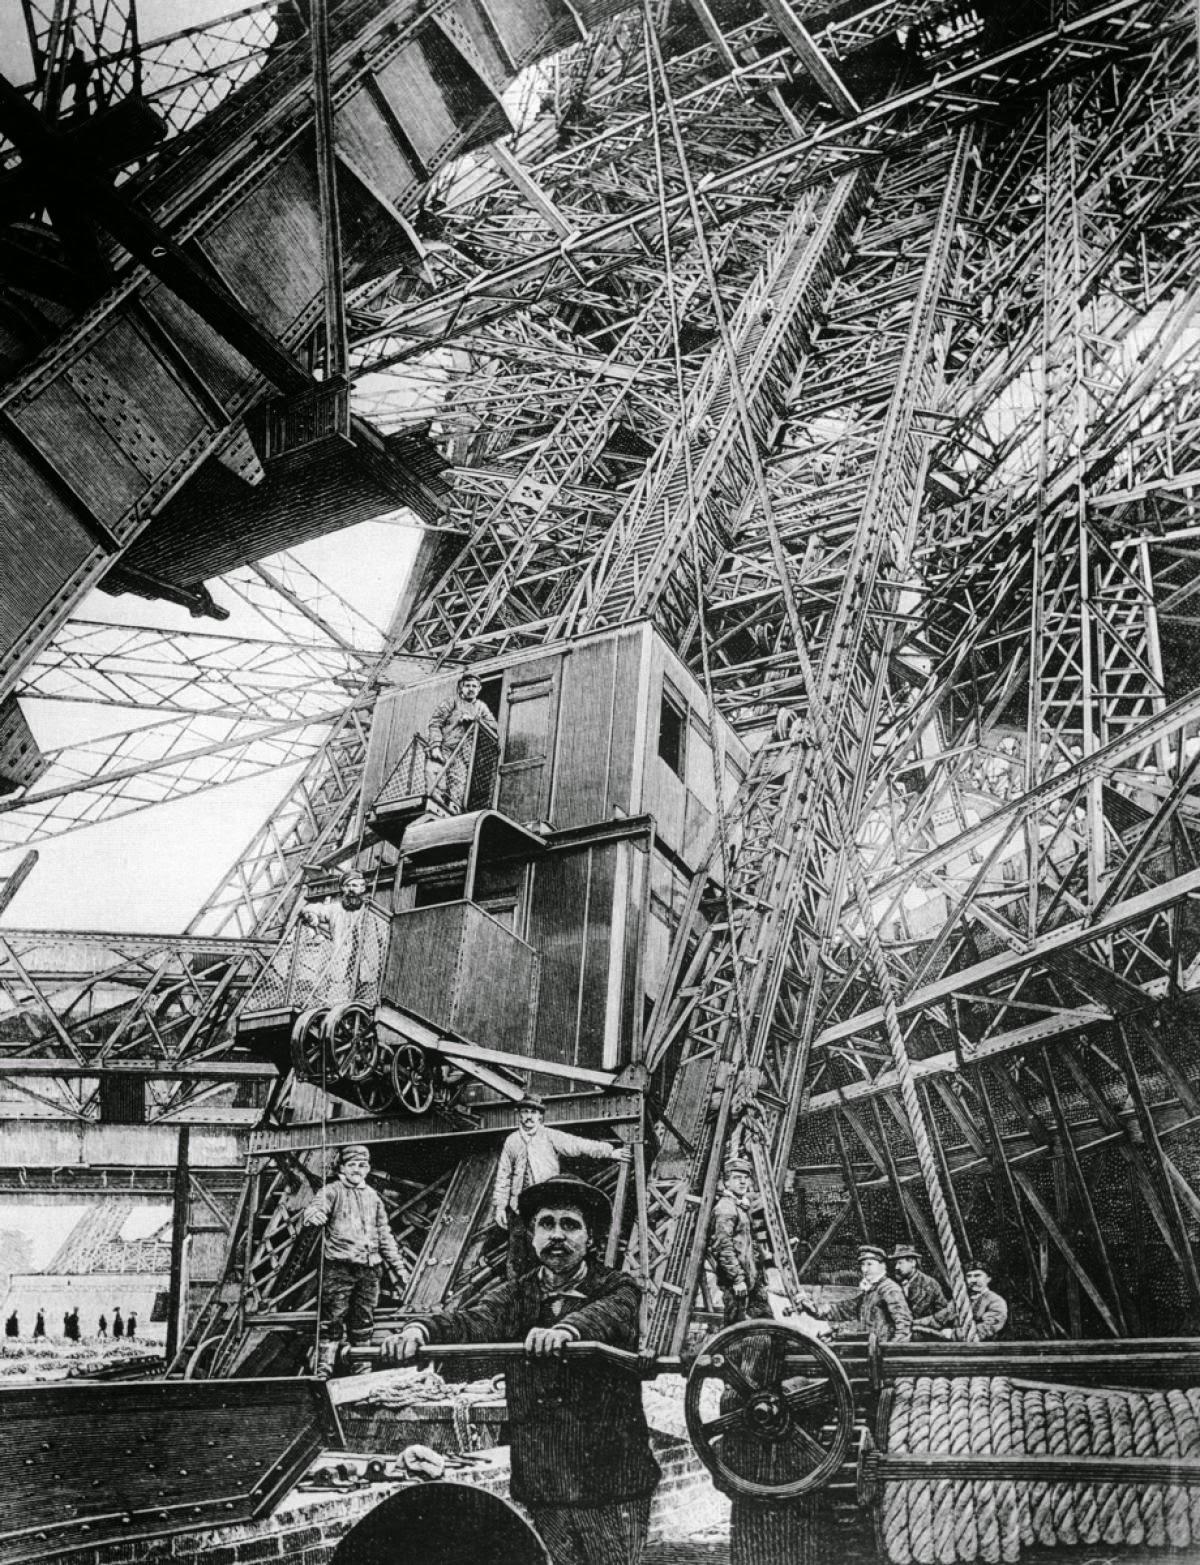 Ιστορικά ντοκουμέντα: Έτσι χτίστηκε ο θρυλικός Πύργος του Άιφελ! (Σπάνιες φωτογραφίες)